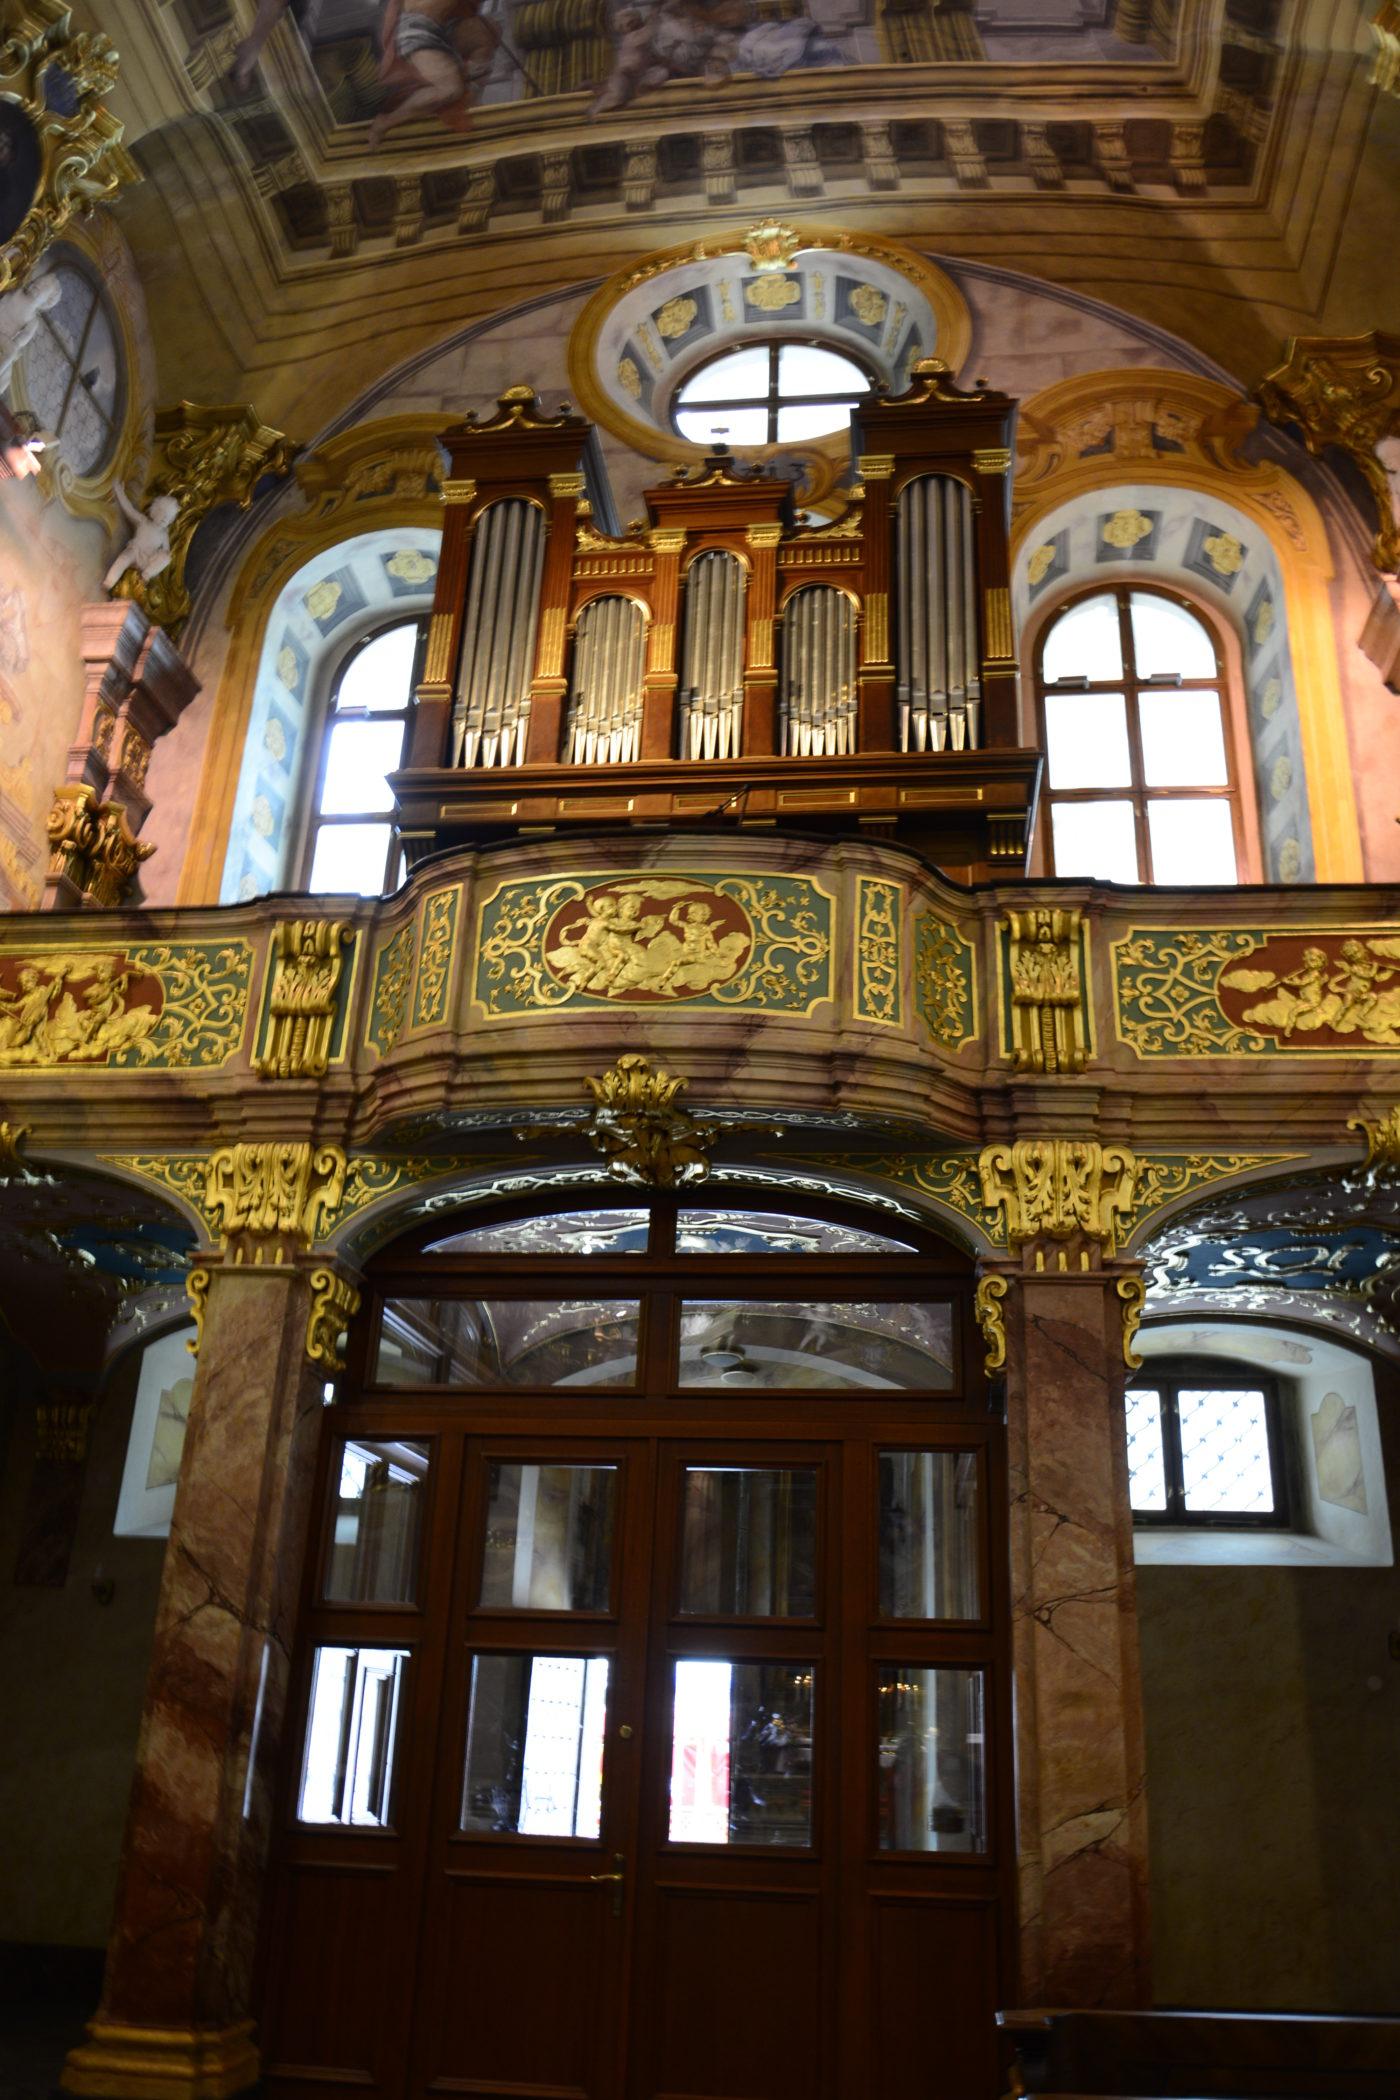 Chór v piaristickom kostole sv. Františka Xaverského